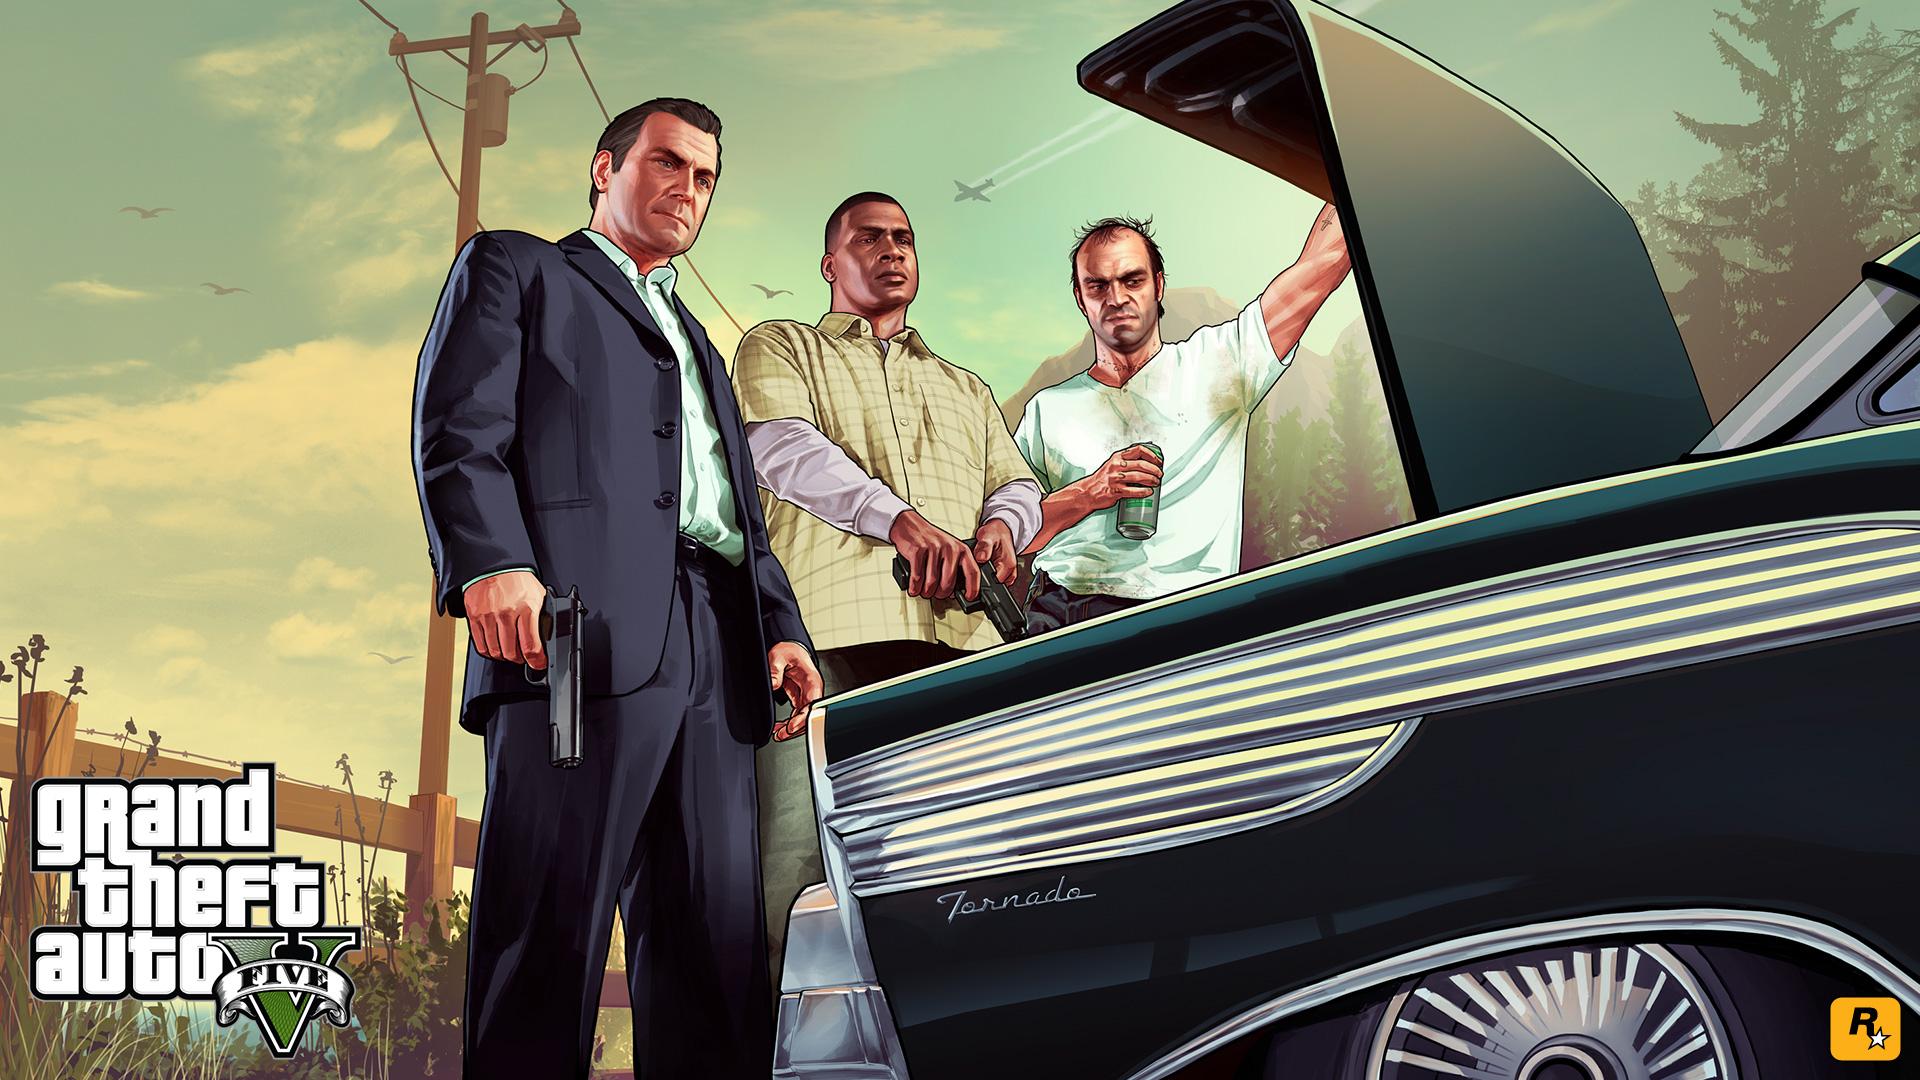 Aparece un nuevo Artwork de GTA V [Imagen]